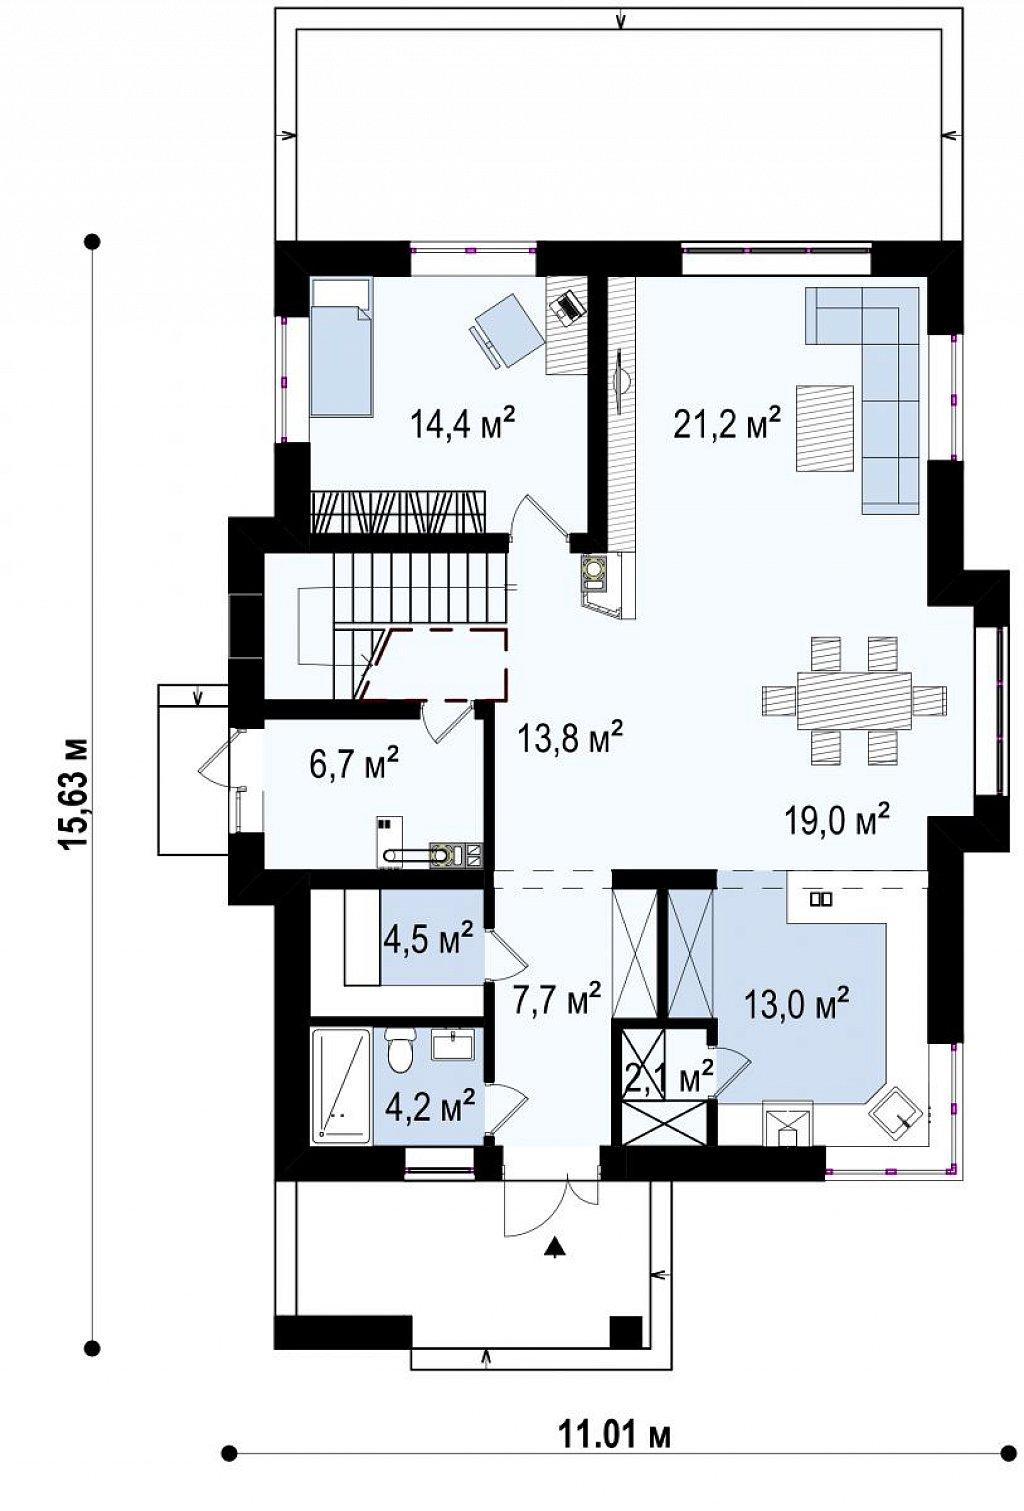 Проект оригинального двухуровневого современного дома без гаража. план помещений 1